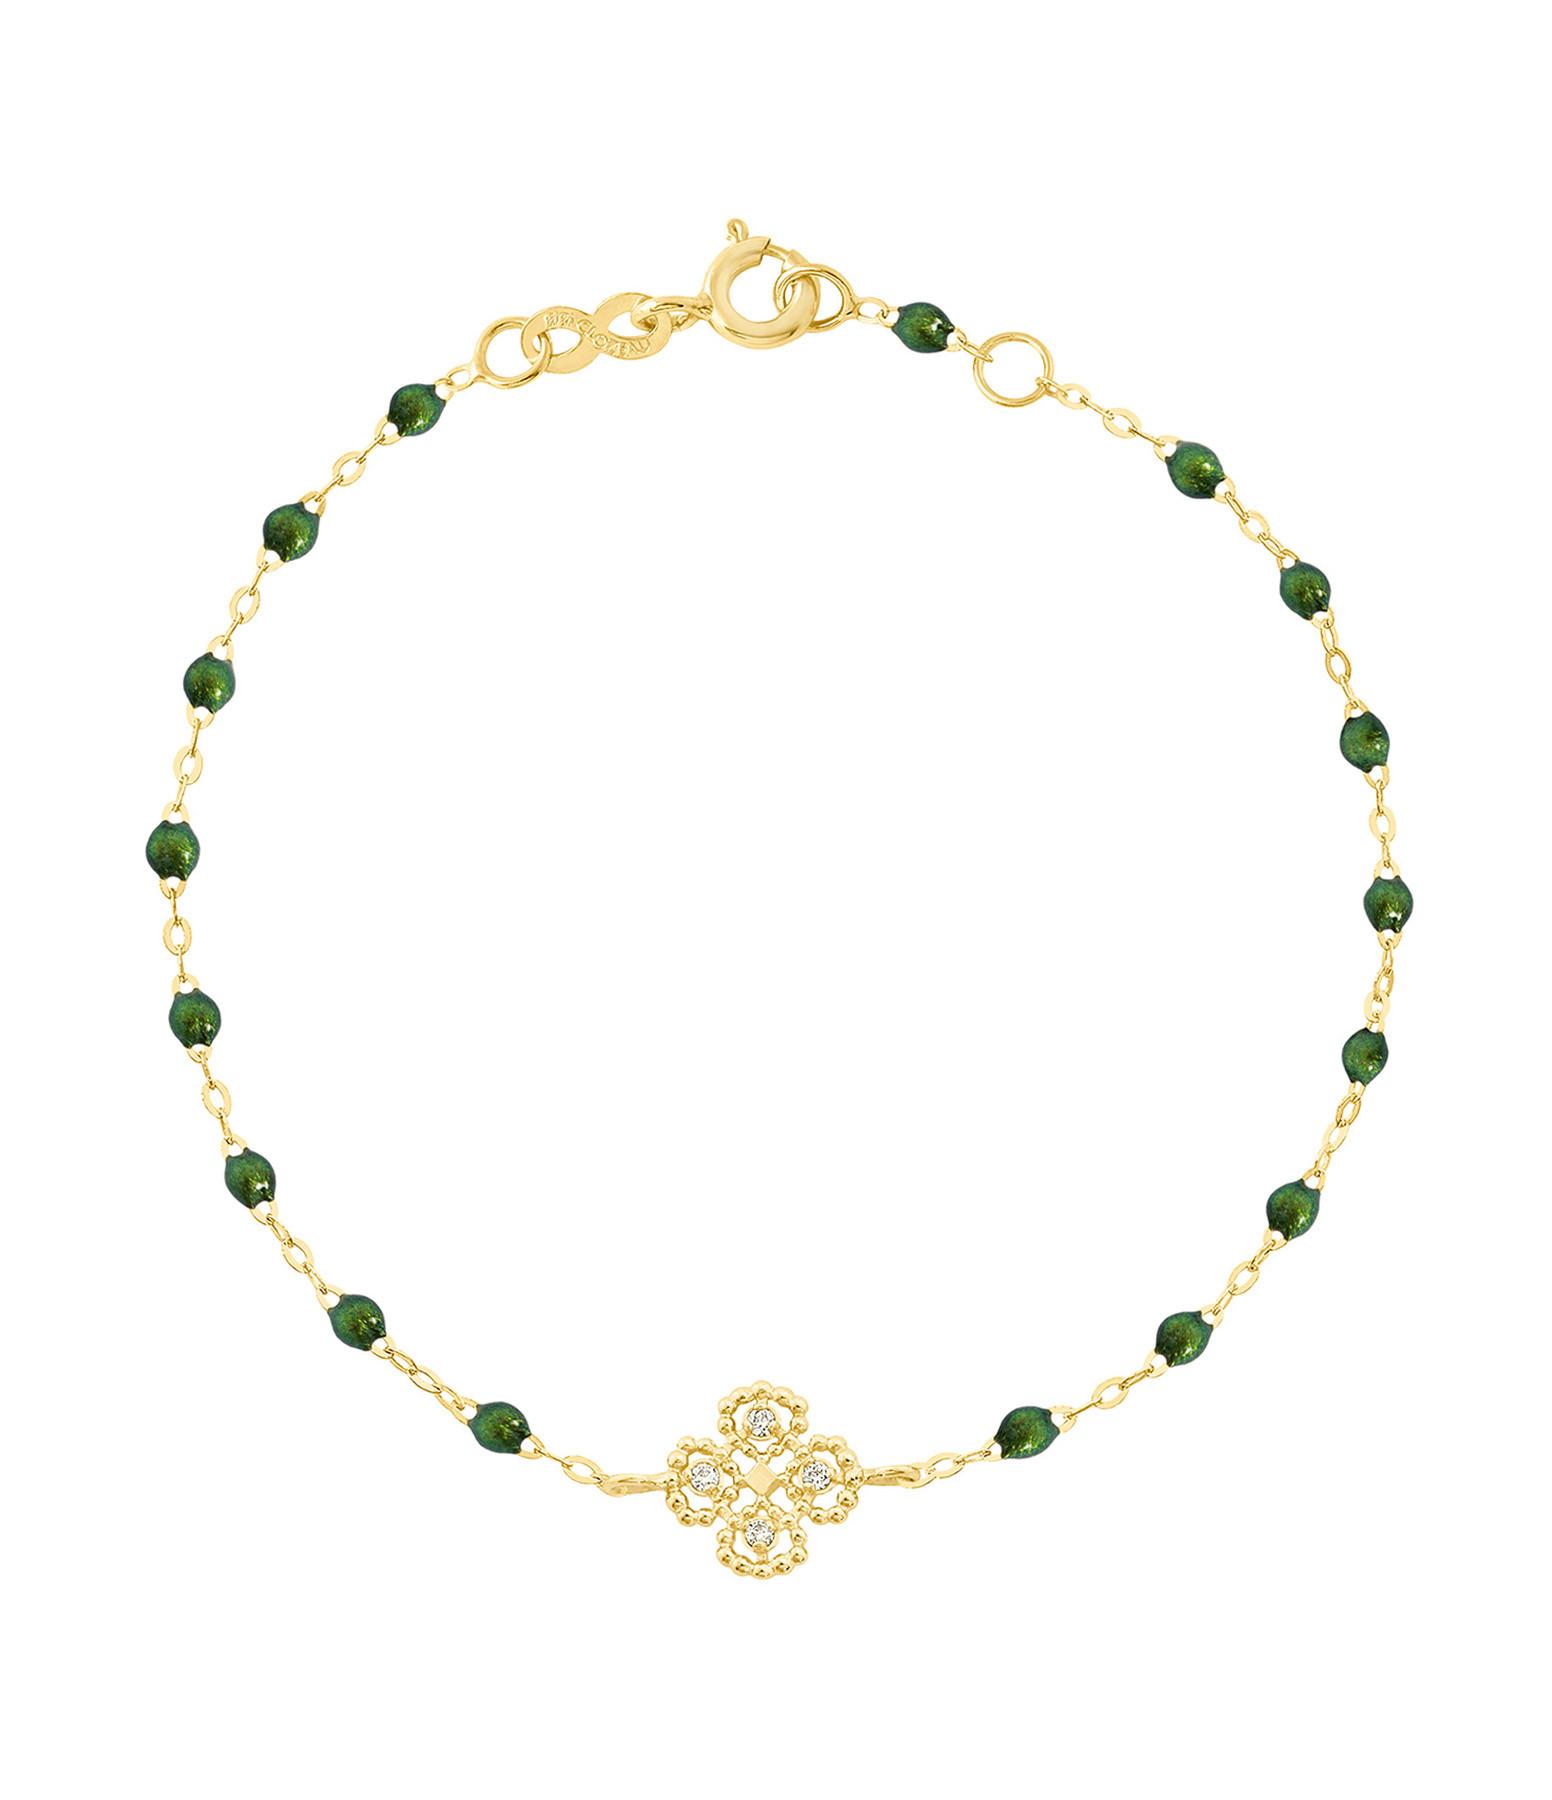 GIGI CLOZEAU - Bracelet Résine Lucky Trèfle Diamants Or jaune